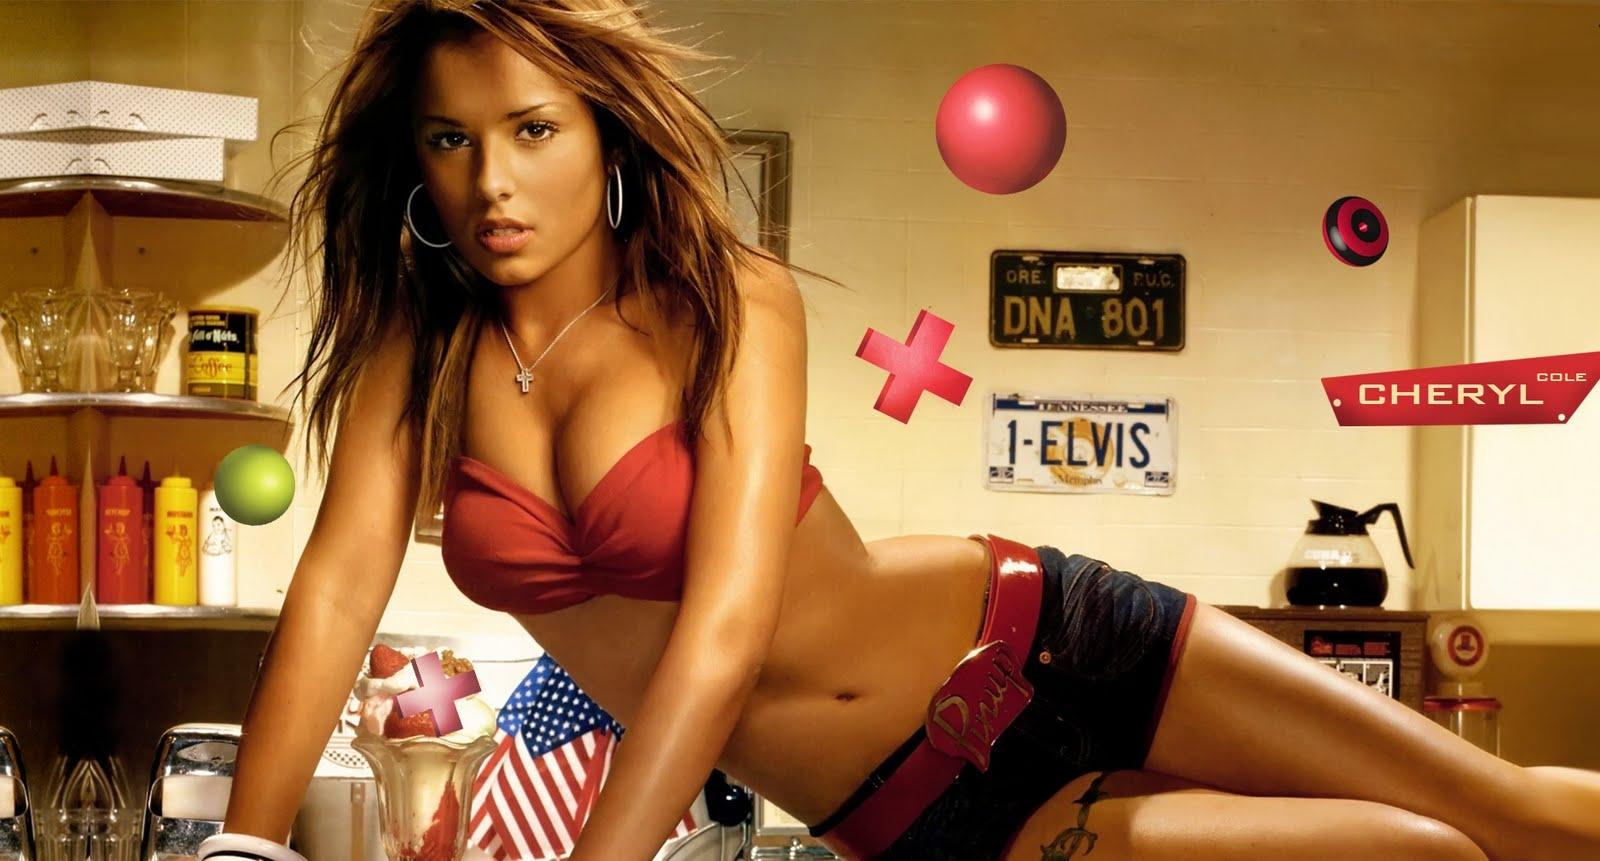 http://3.bp.blogspot.com/-xPxbWVnzyX8/Tmc-_cGZtmI/AAAAAAAACDM/CwWQowatQgg/s1600/Hot+Cheryl+Cole+Pictures.jpg